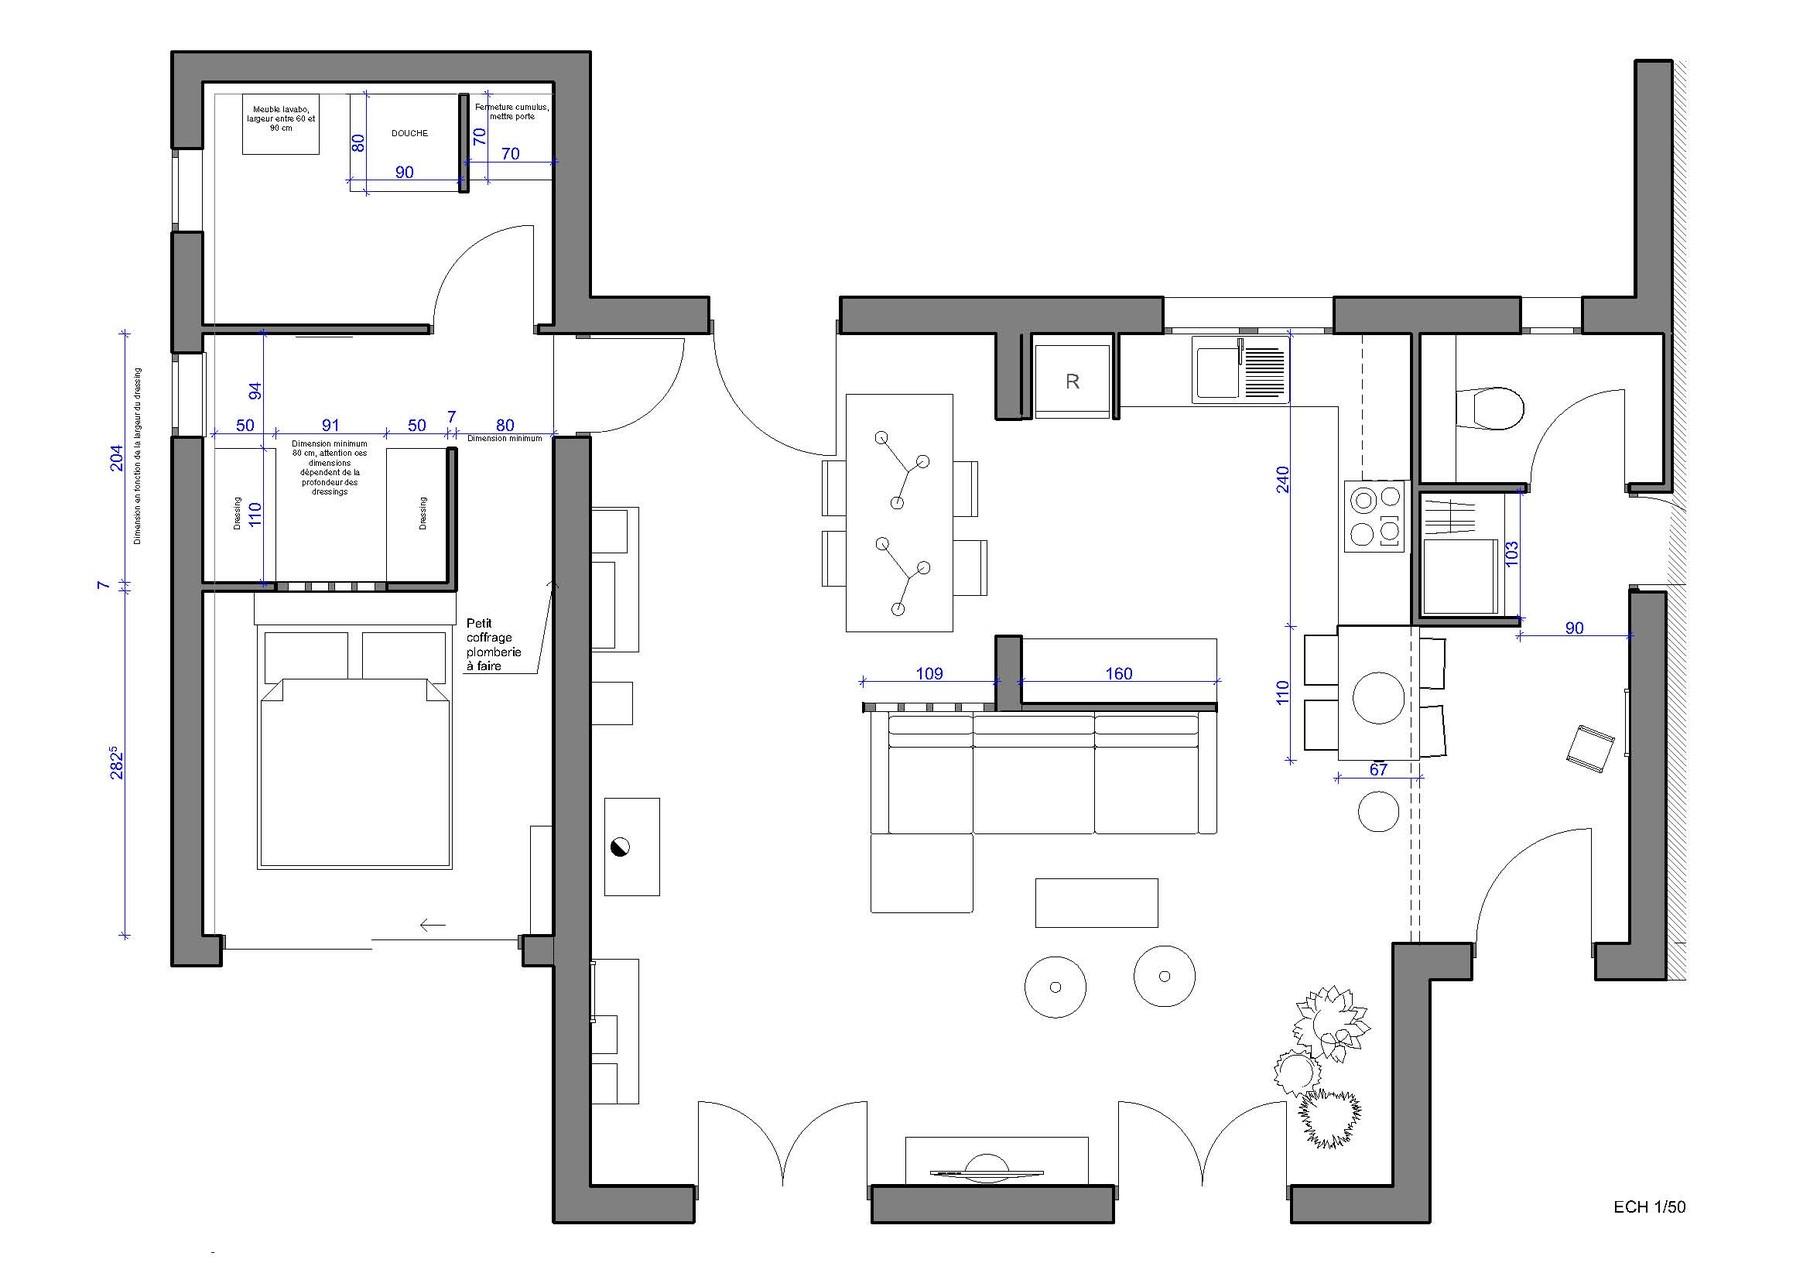 #4A4982 Architecture D'intérieur Var 3069 plan suite parentale 35m2 1810x1280 px @ aertt.com